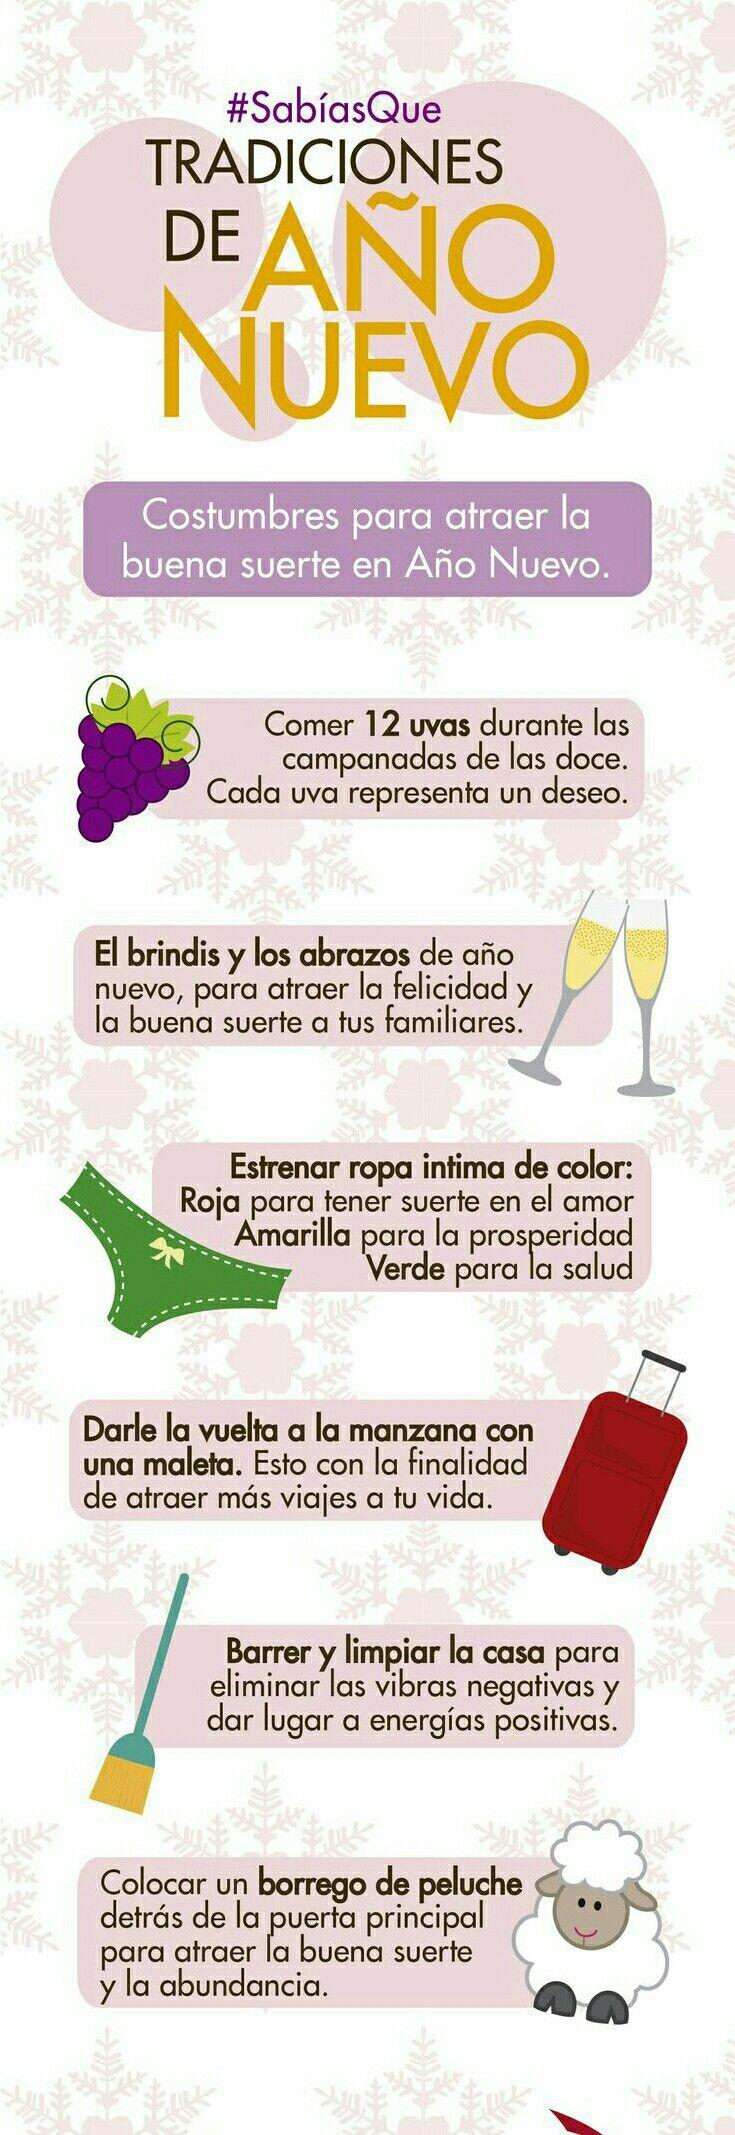 ¿Cuál de los #Rituales para #AñoNuevo es tu favorito? #SabíasQue #RitualesDeAñoNuevo